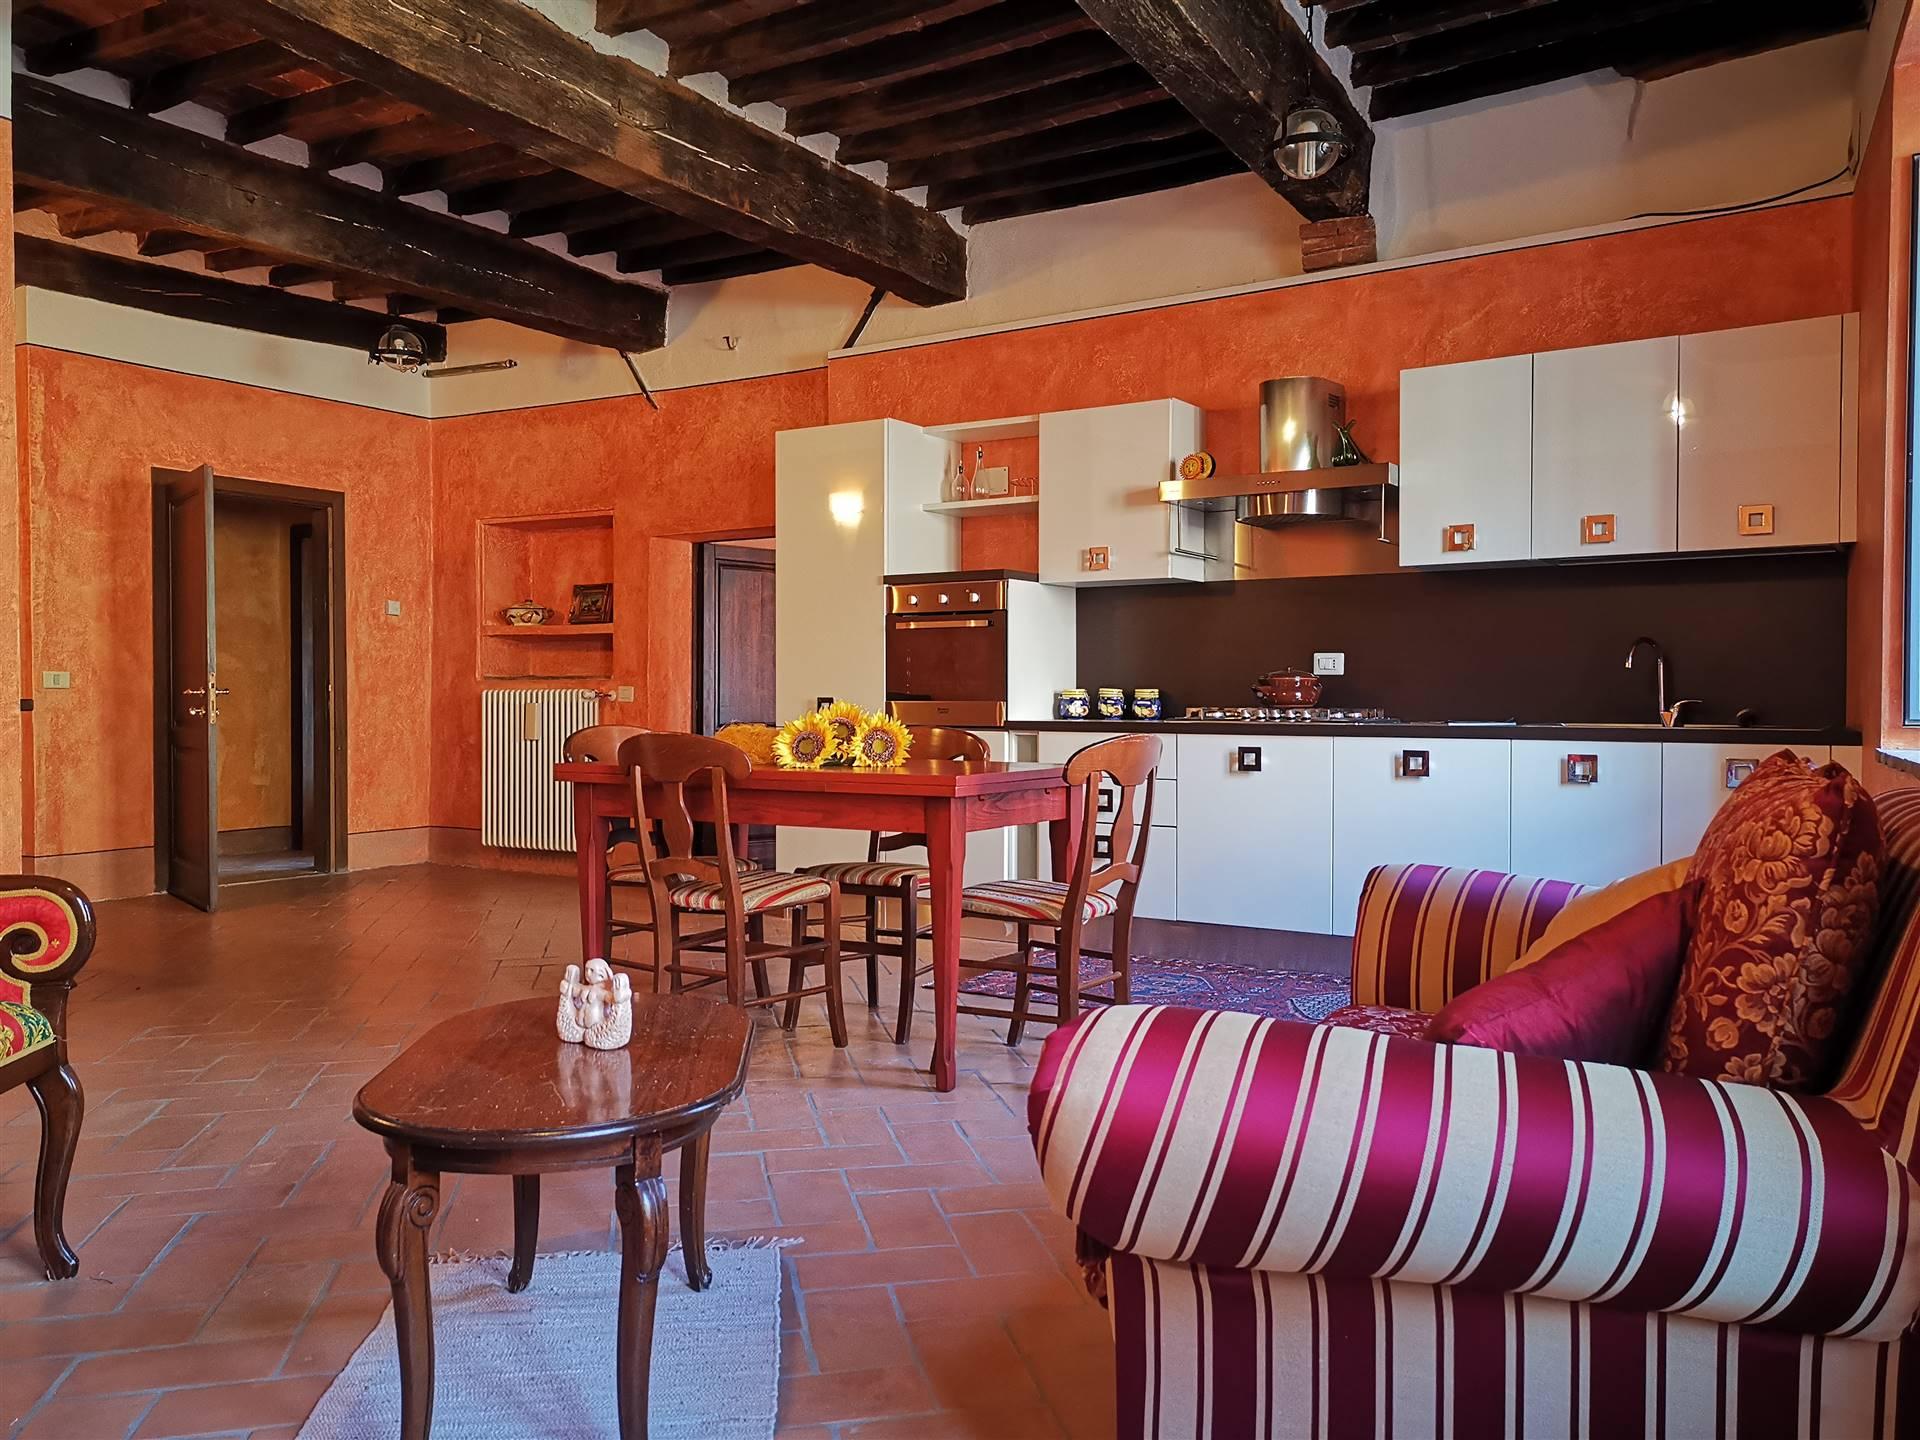 Appartamento in vendita a Torrita di Siena, 4 locali, zona efollonico, prezzo € 275.000 | PortaleAgenzieImmobiliari.it